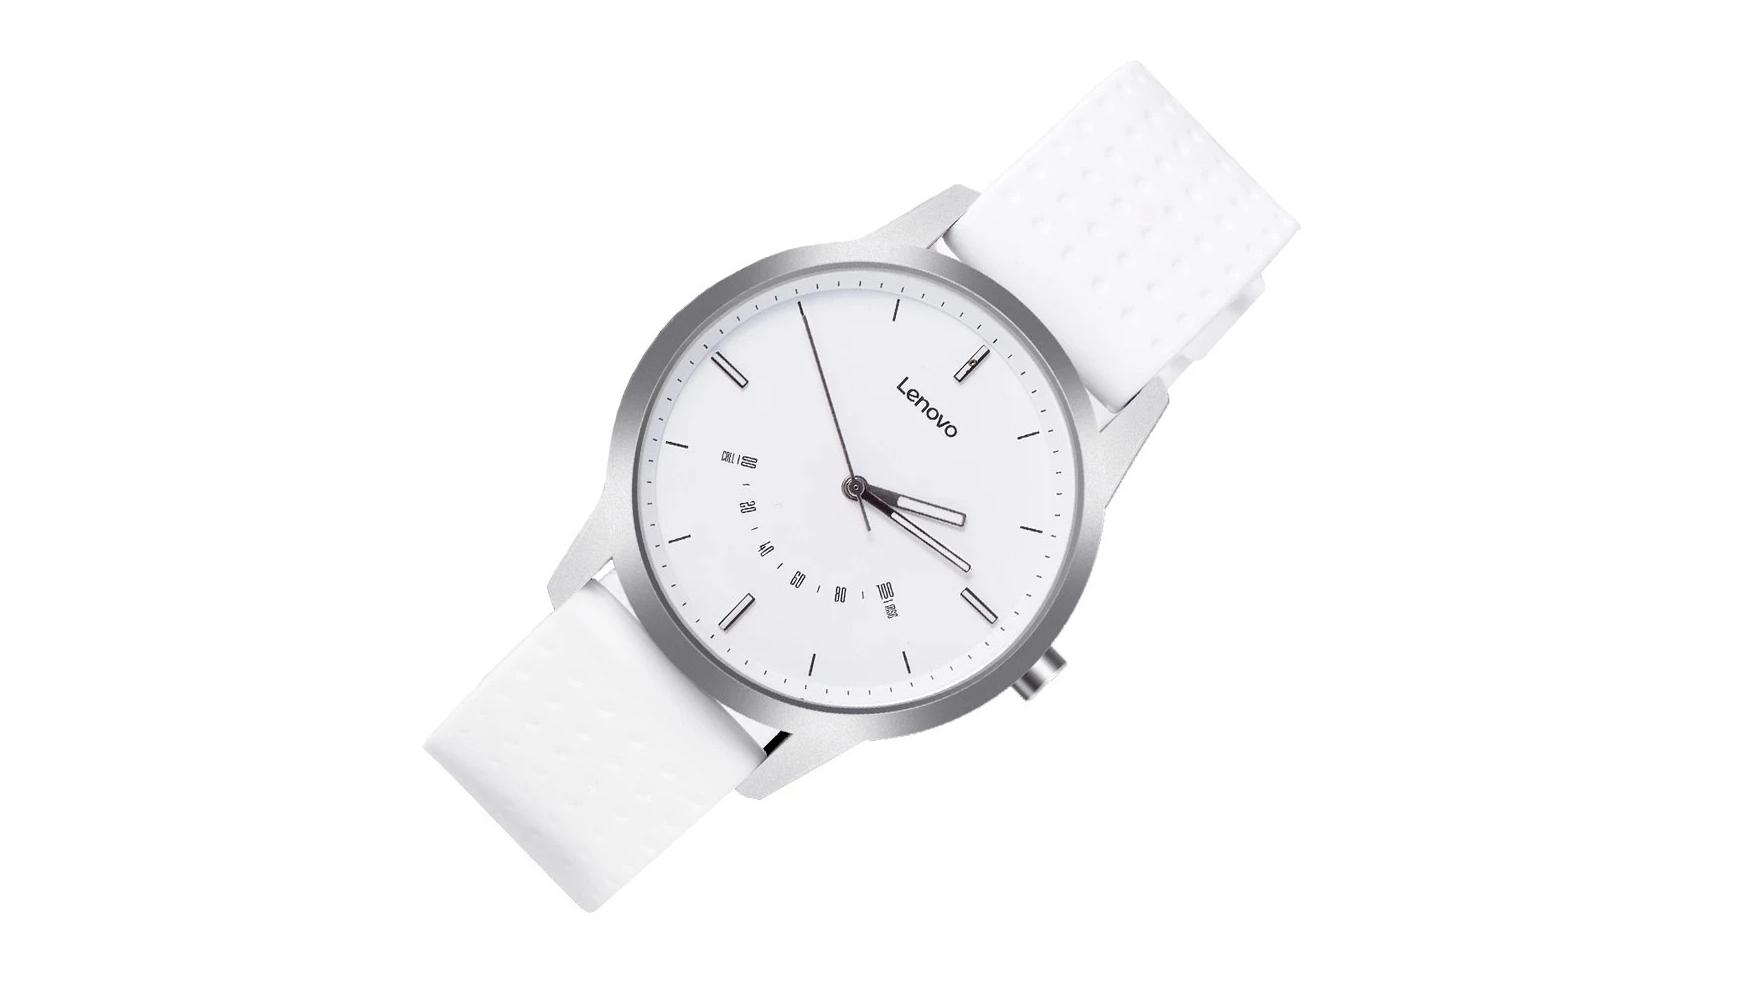 Lenovo Watch 9 – elegantní chytré hodinky nyní ve slevě na Cafago.com [sponzorovaný článek]